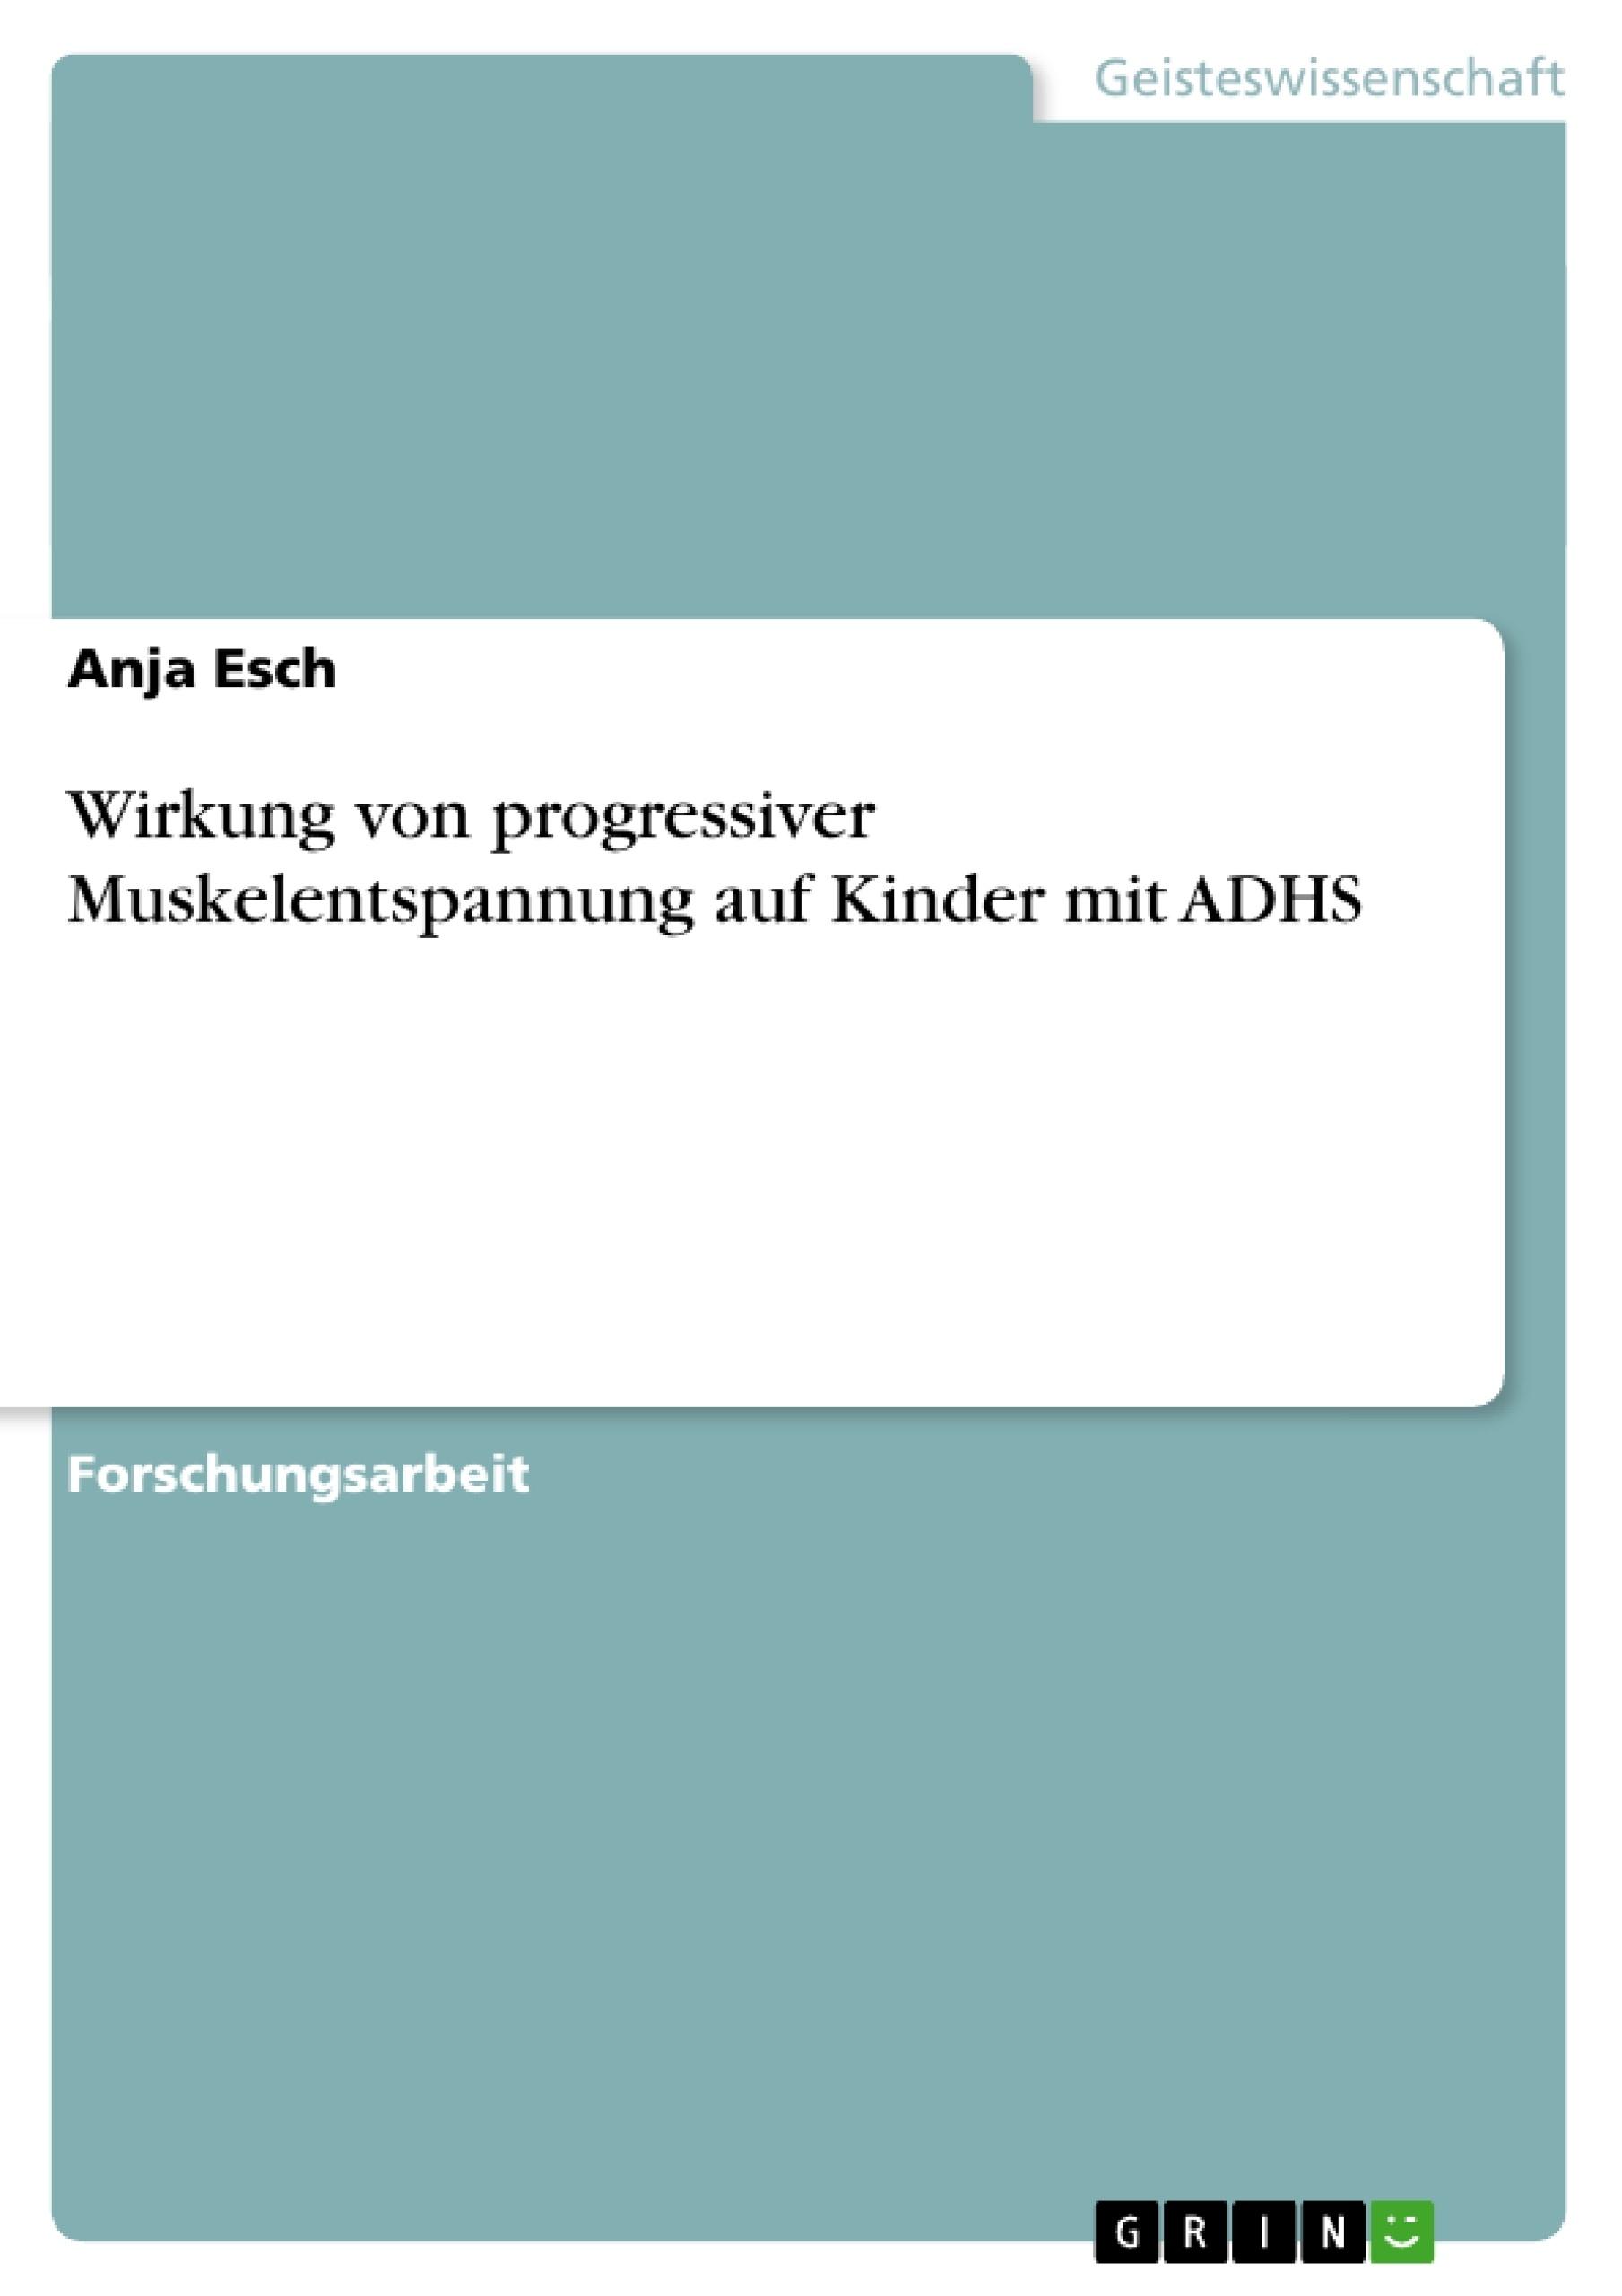 Titel: Wirkung von progressiver Muskelentspannung auf Kinder mit ADHS